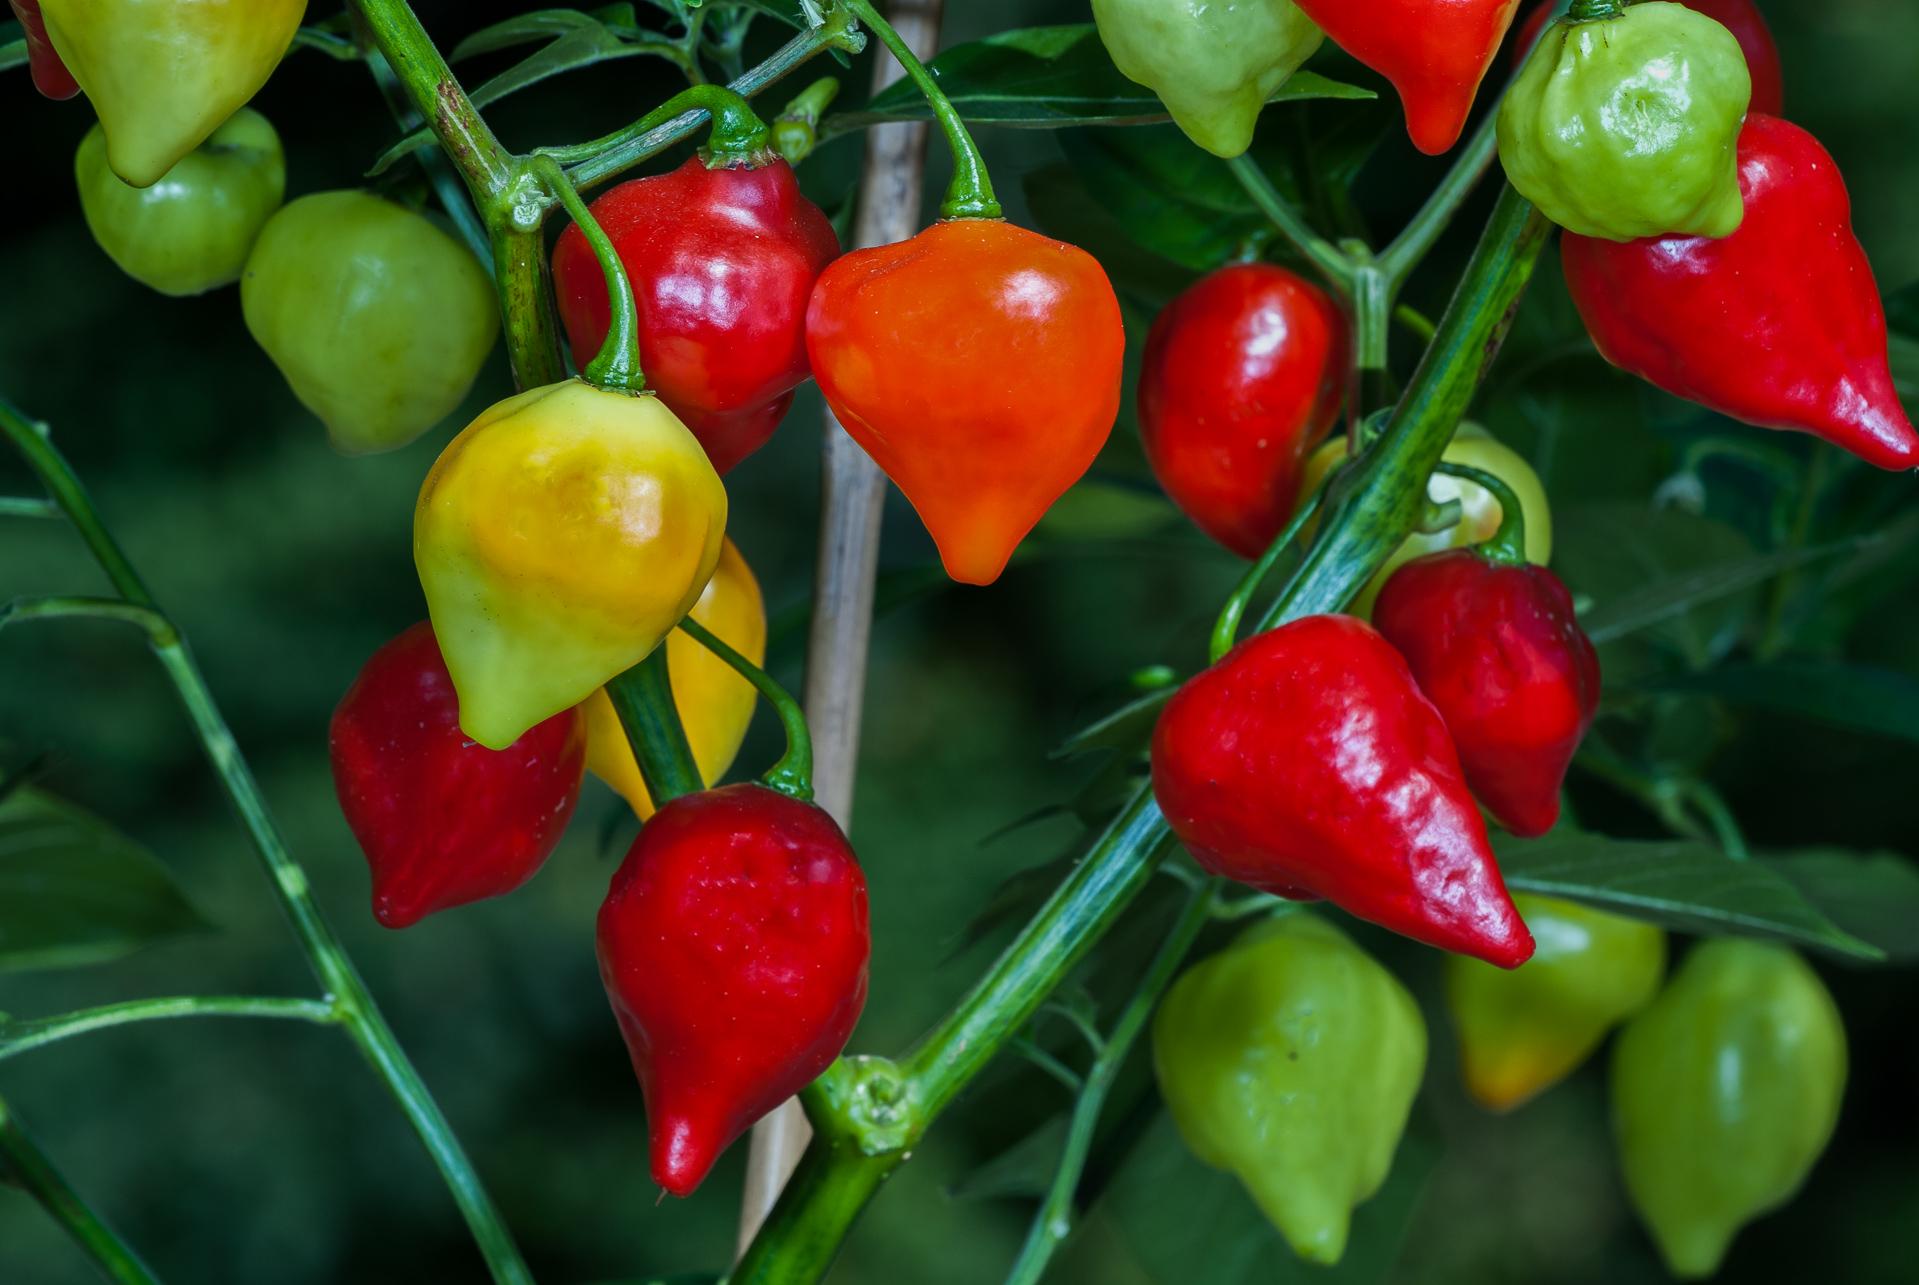 VI029574 - Capsicum frutescens - Chilisorte